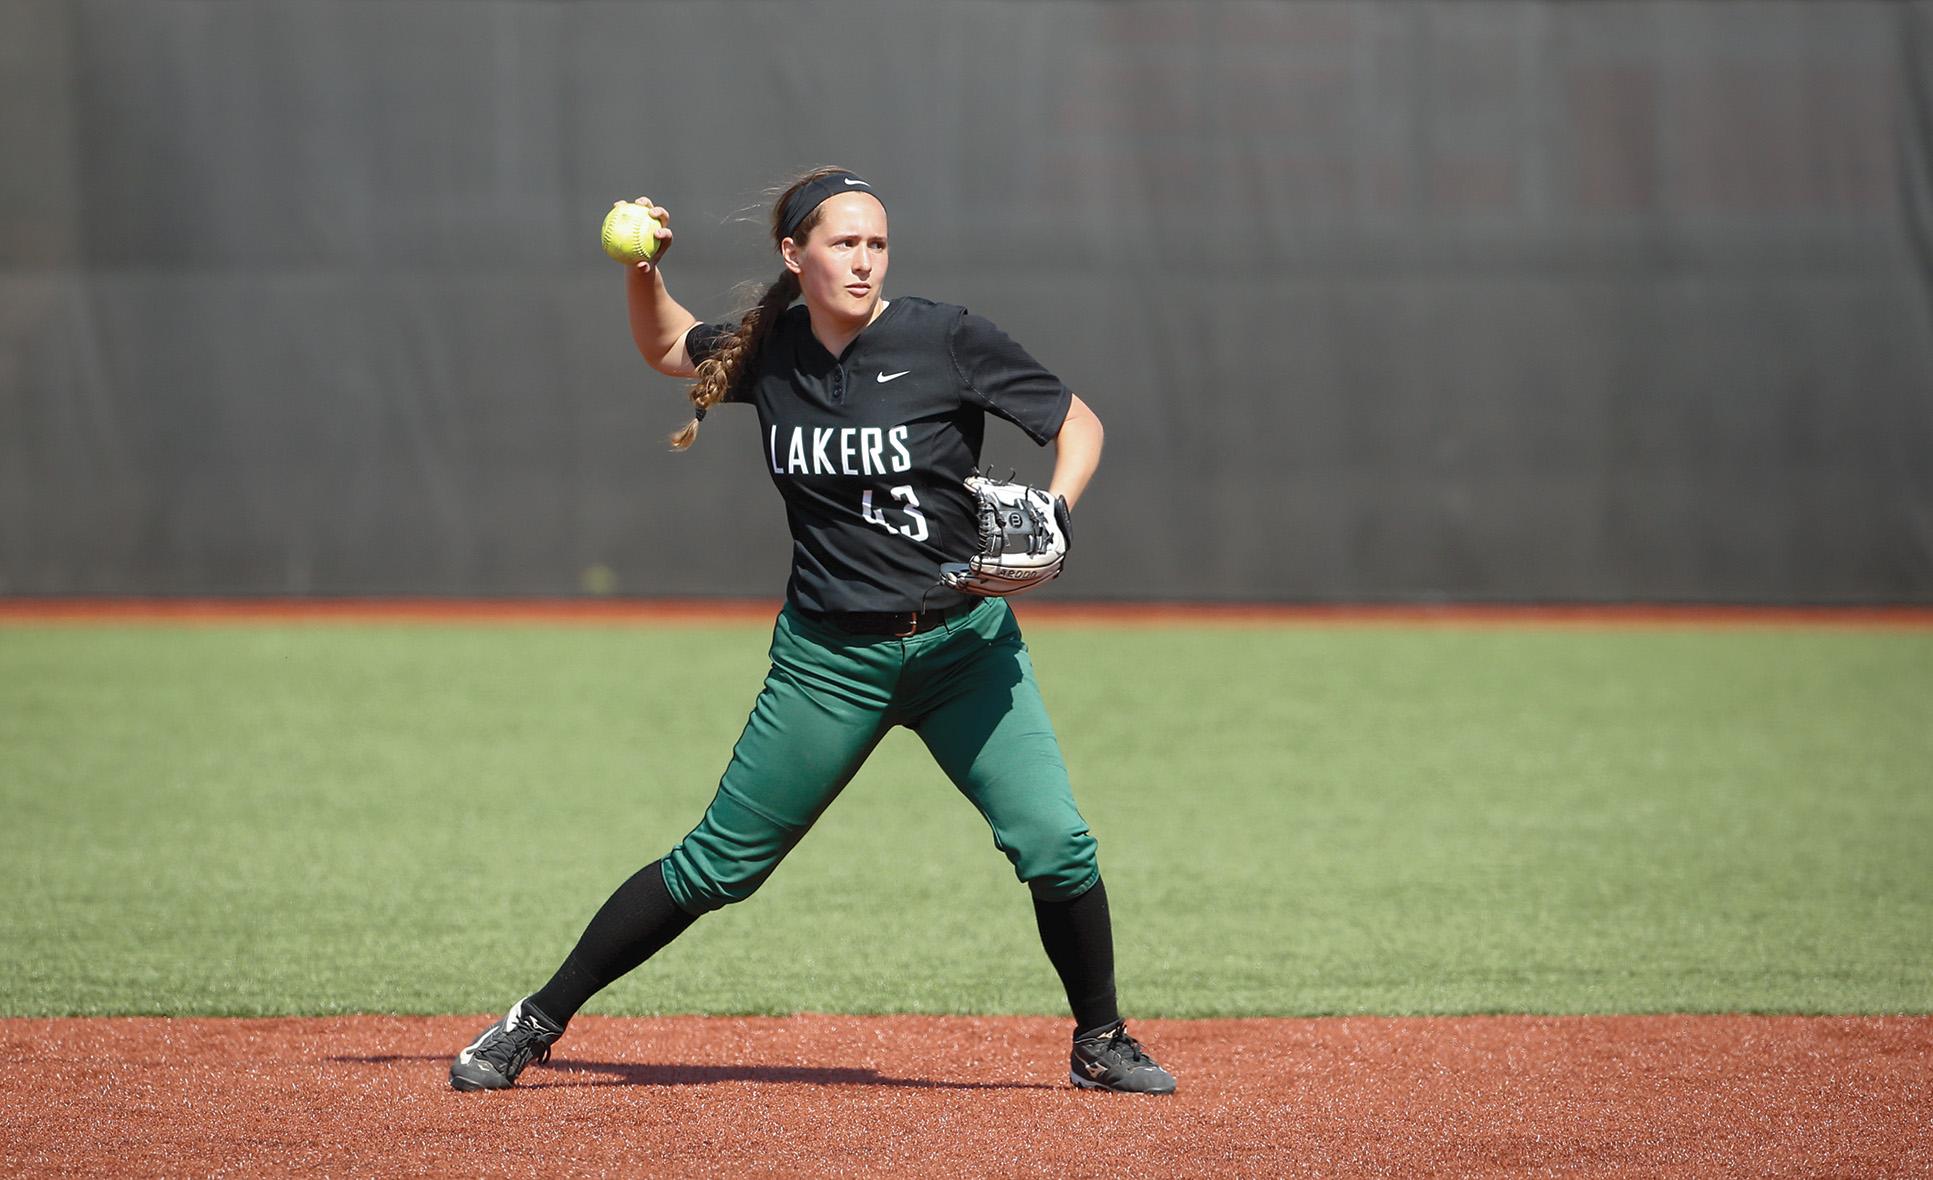 Haley Huss playing softball